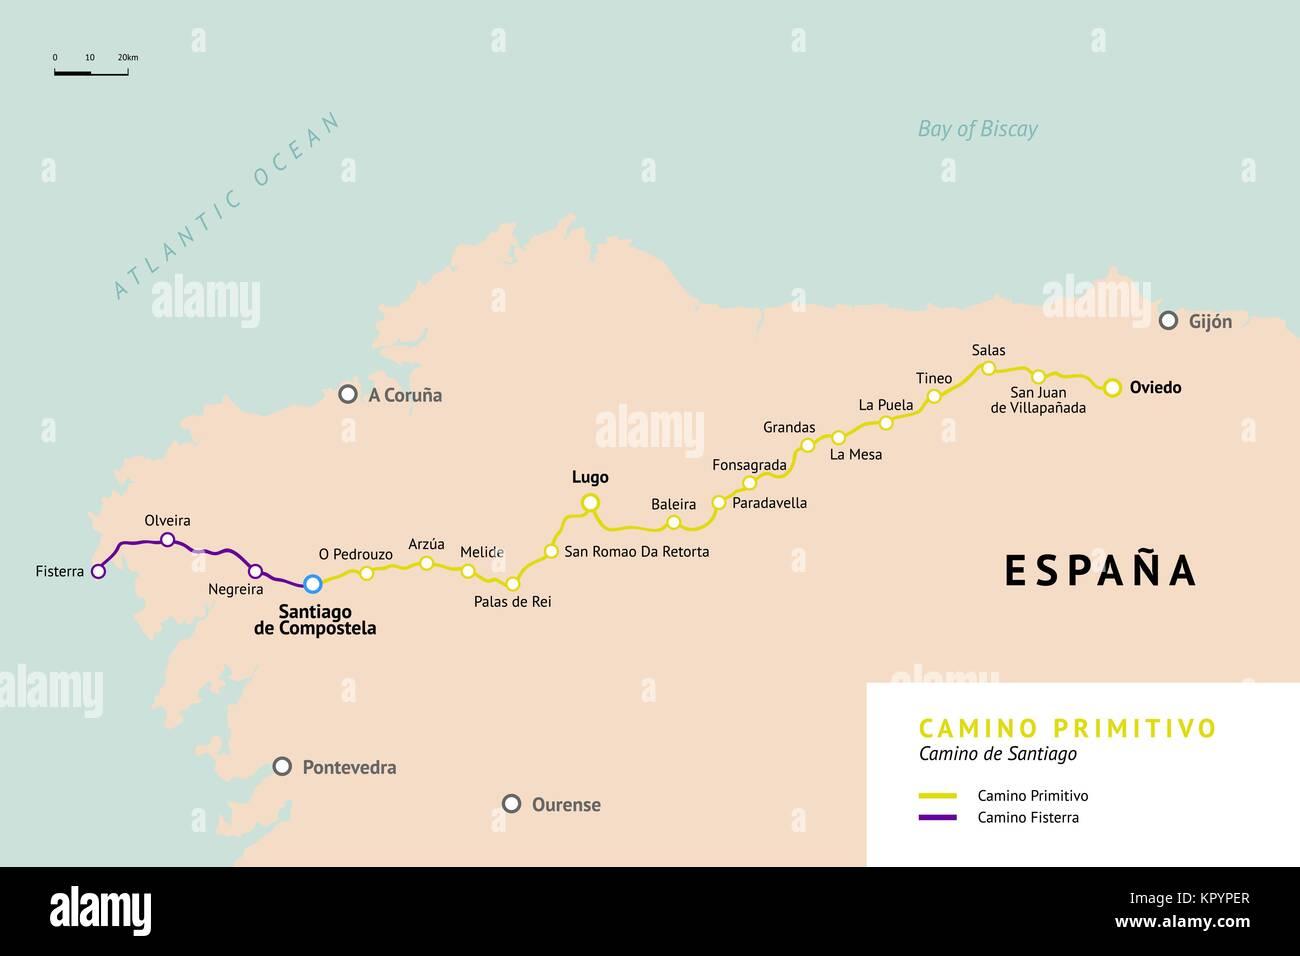 Camino De Santiago Map Stock Photos Amp Camino De Santiago